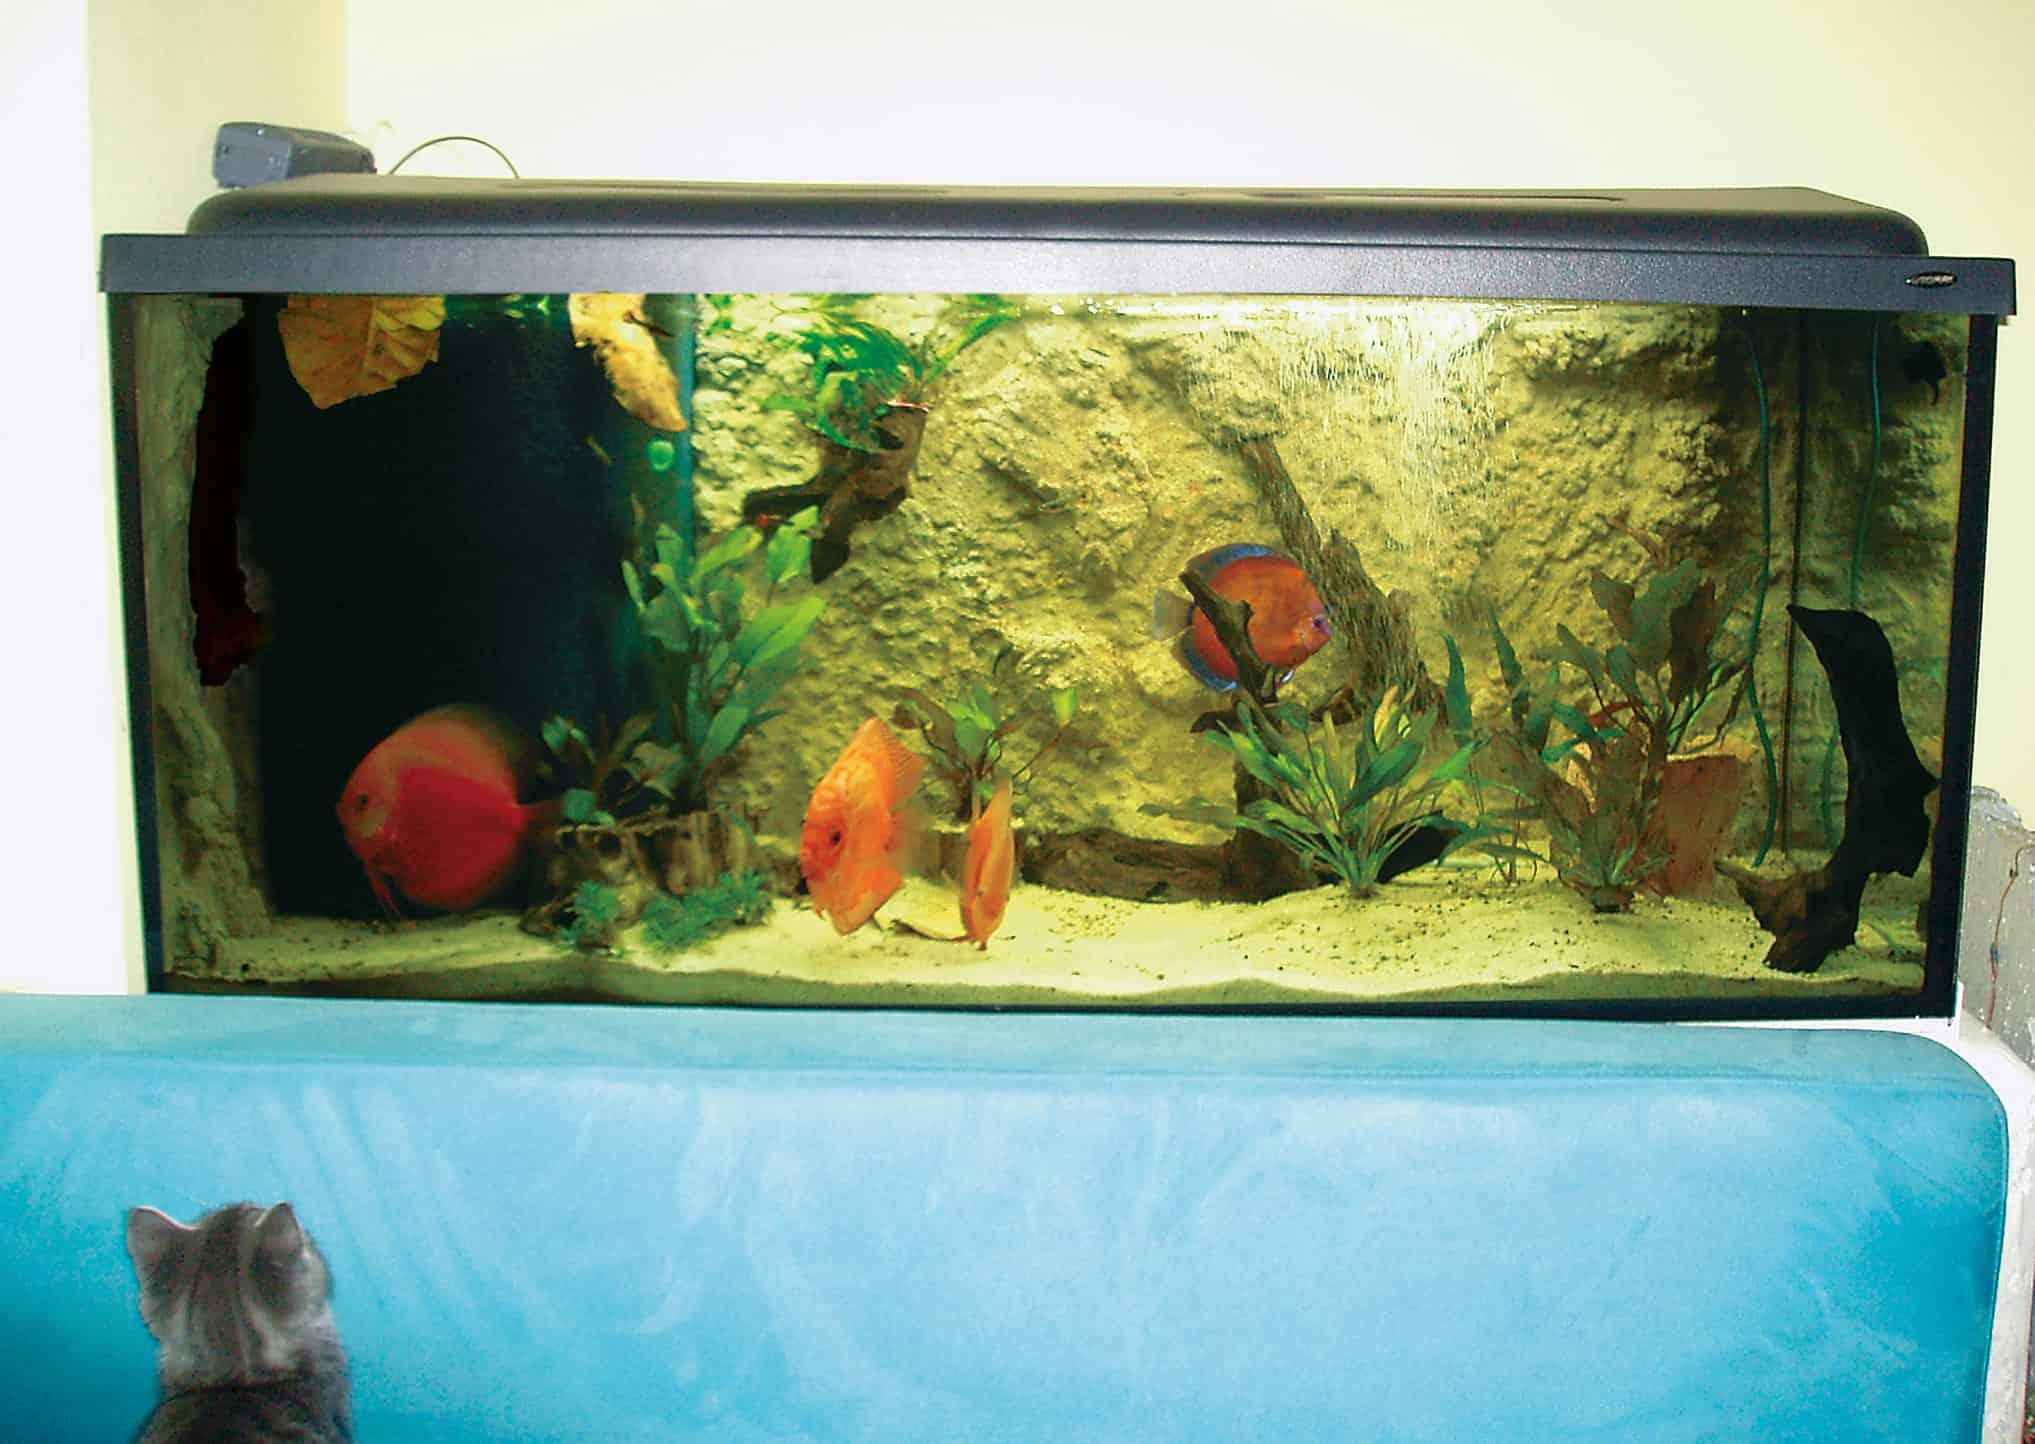 """Das Aquarium ist zwei Wochen eingelaufen und die Fische ziehen ihre Runden in dem neuen Becken. Katzenbaby """"Smokey"""" findet Fische toll und beobachtet in seiner Freizeit am liebsten das Aquarium. Foto: © Michael J. Schönefeld"""